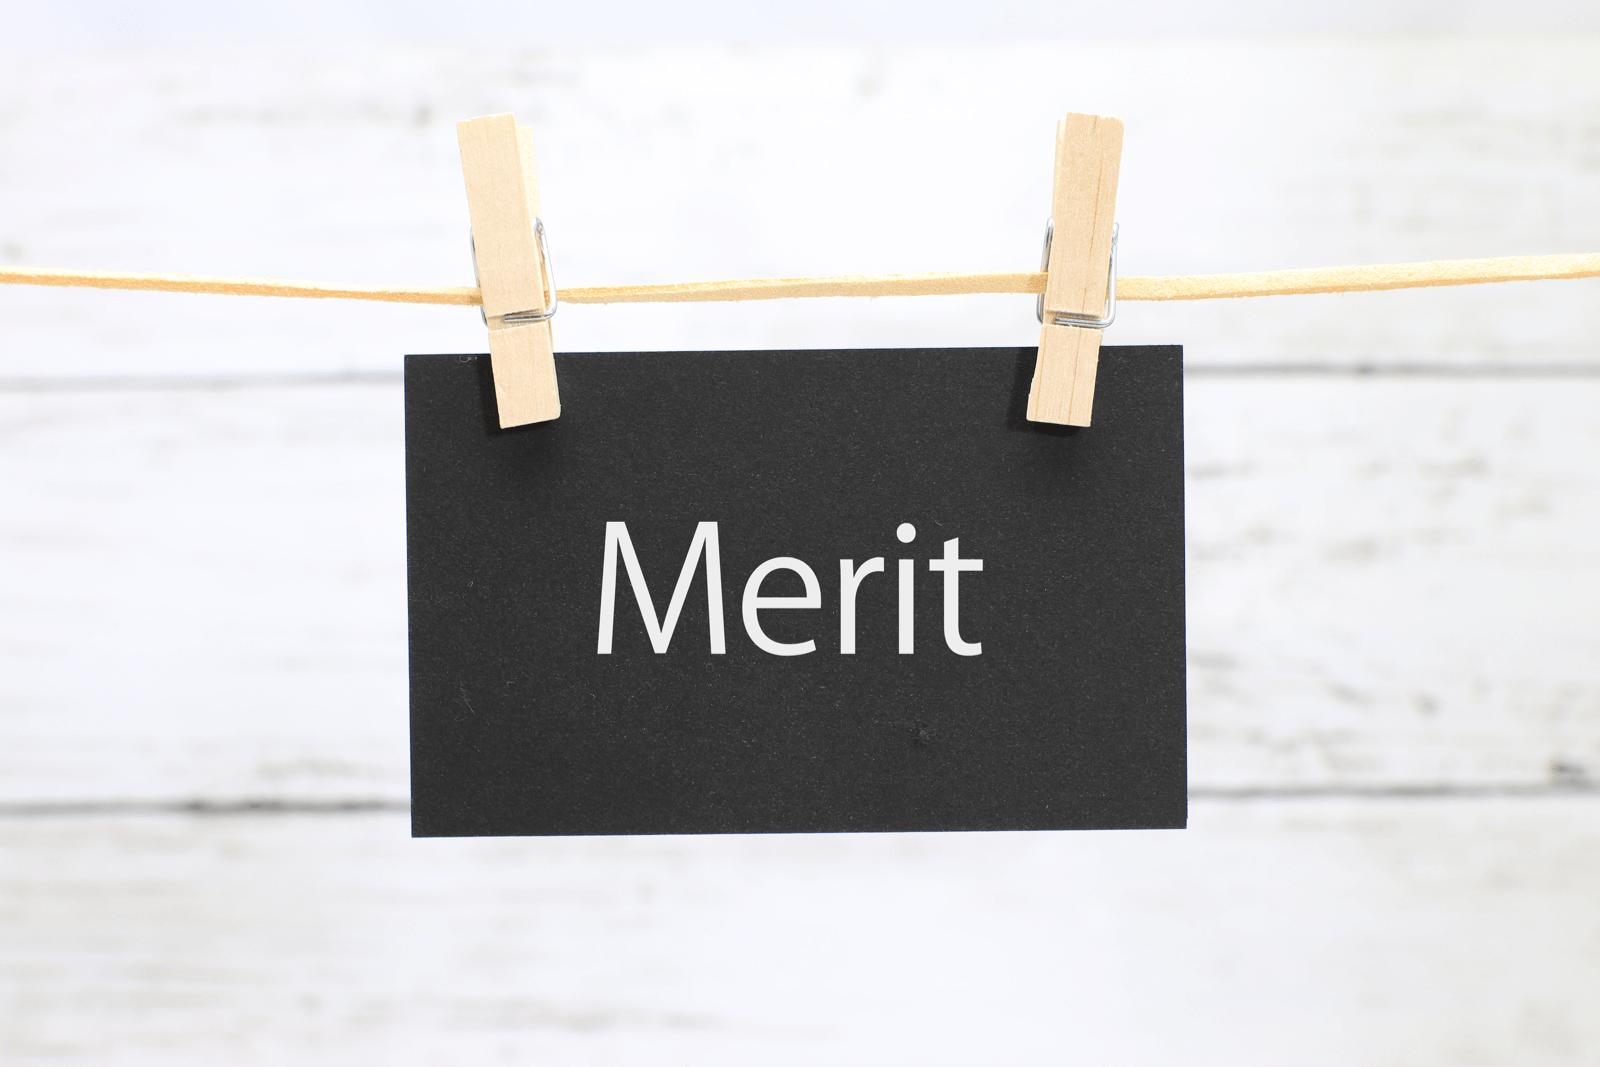 洗濯挟みに吊るされた「Merit」のカード